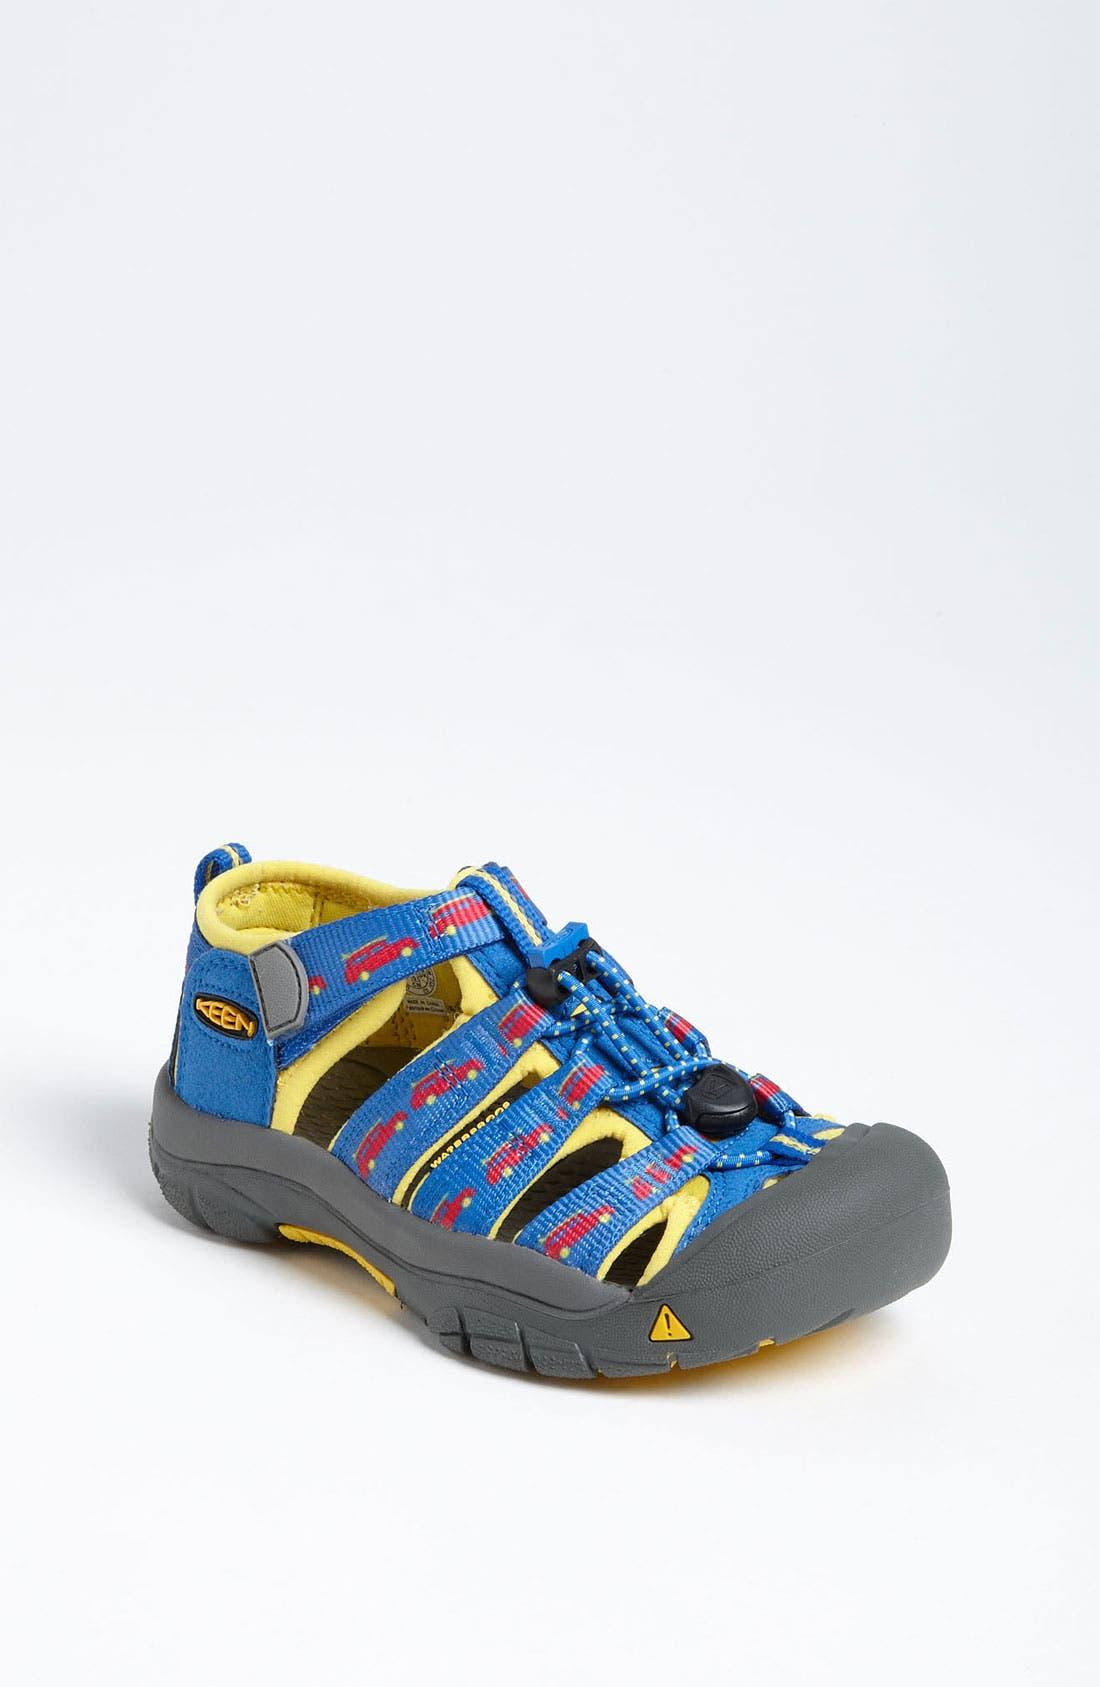 Alternate Image 1 Selected - Keen 'Newport H2' Sandal (Toddler & Little Kid)